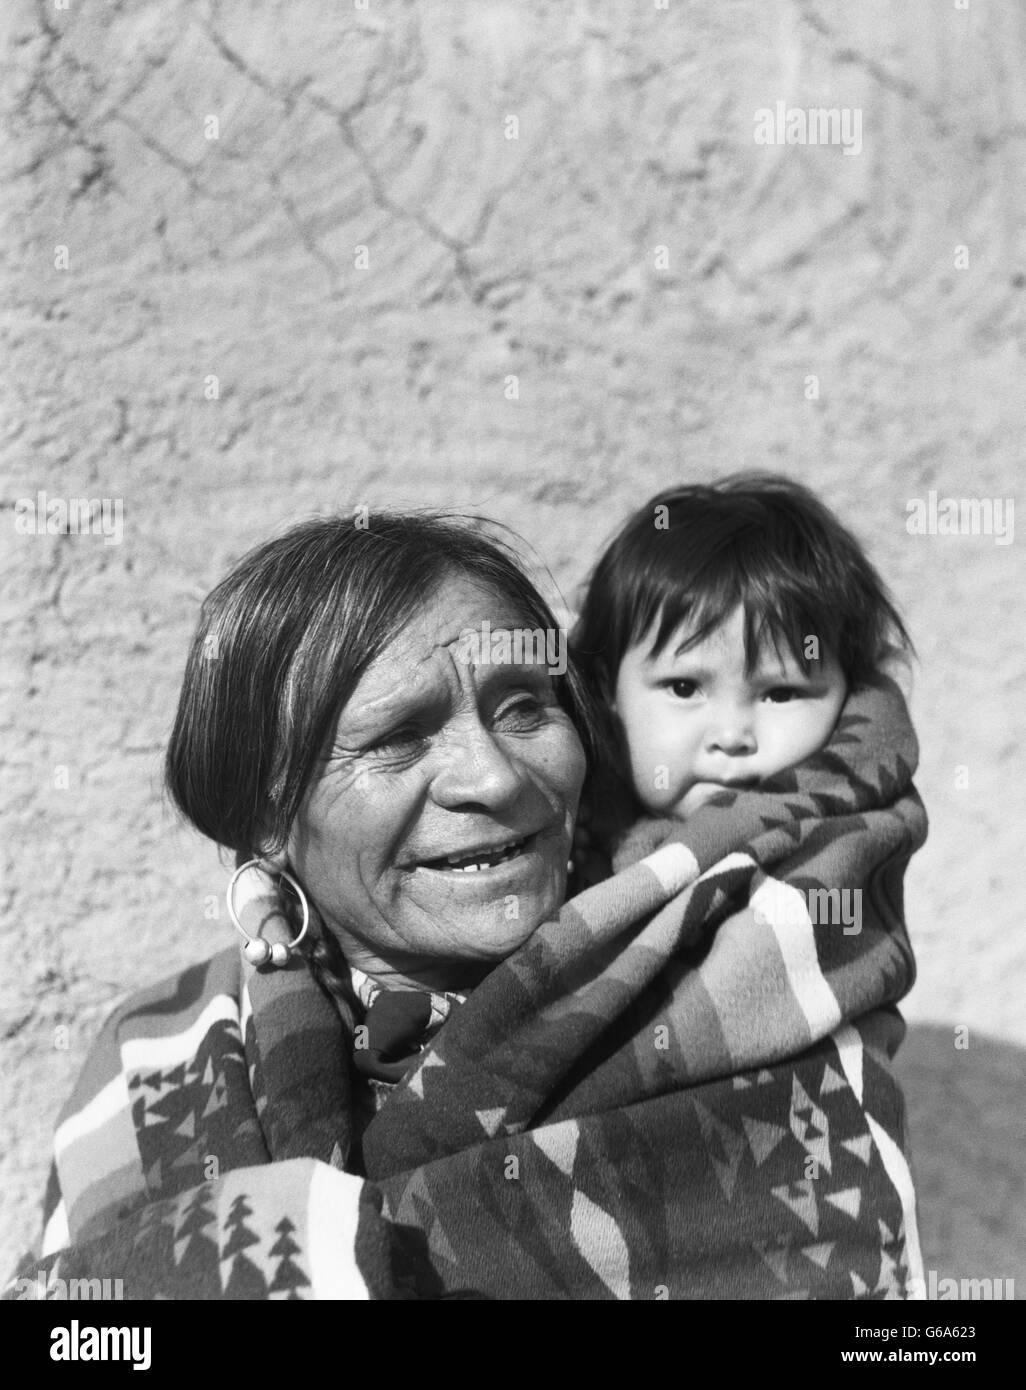 1930 sonriente hombre americano nativo abuelo con su nieto NIÑO SAN  ILDEFONSO Pueblo Nuevo México 8522c97e2c62